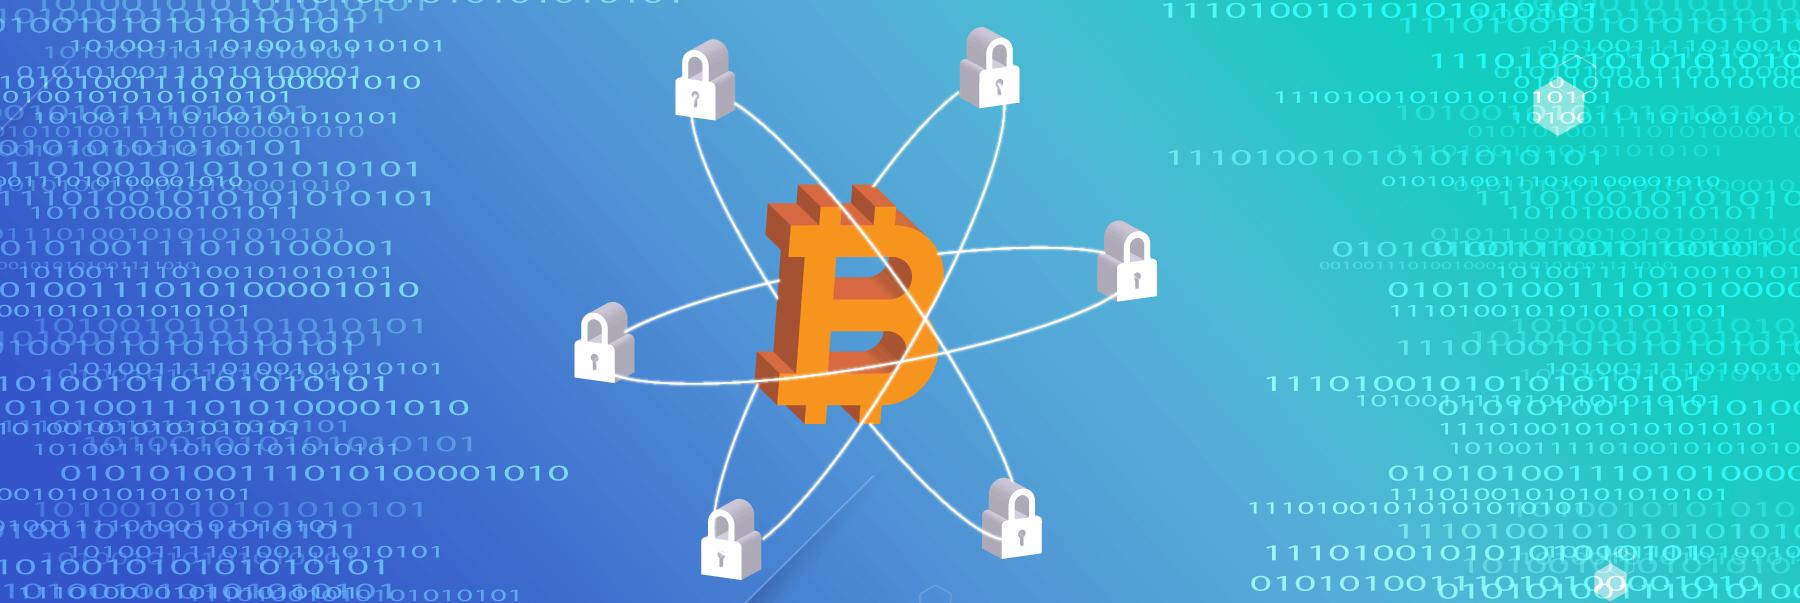 blockchain services provider